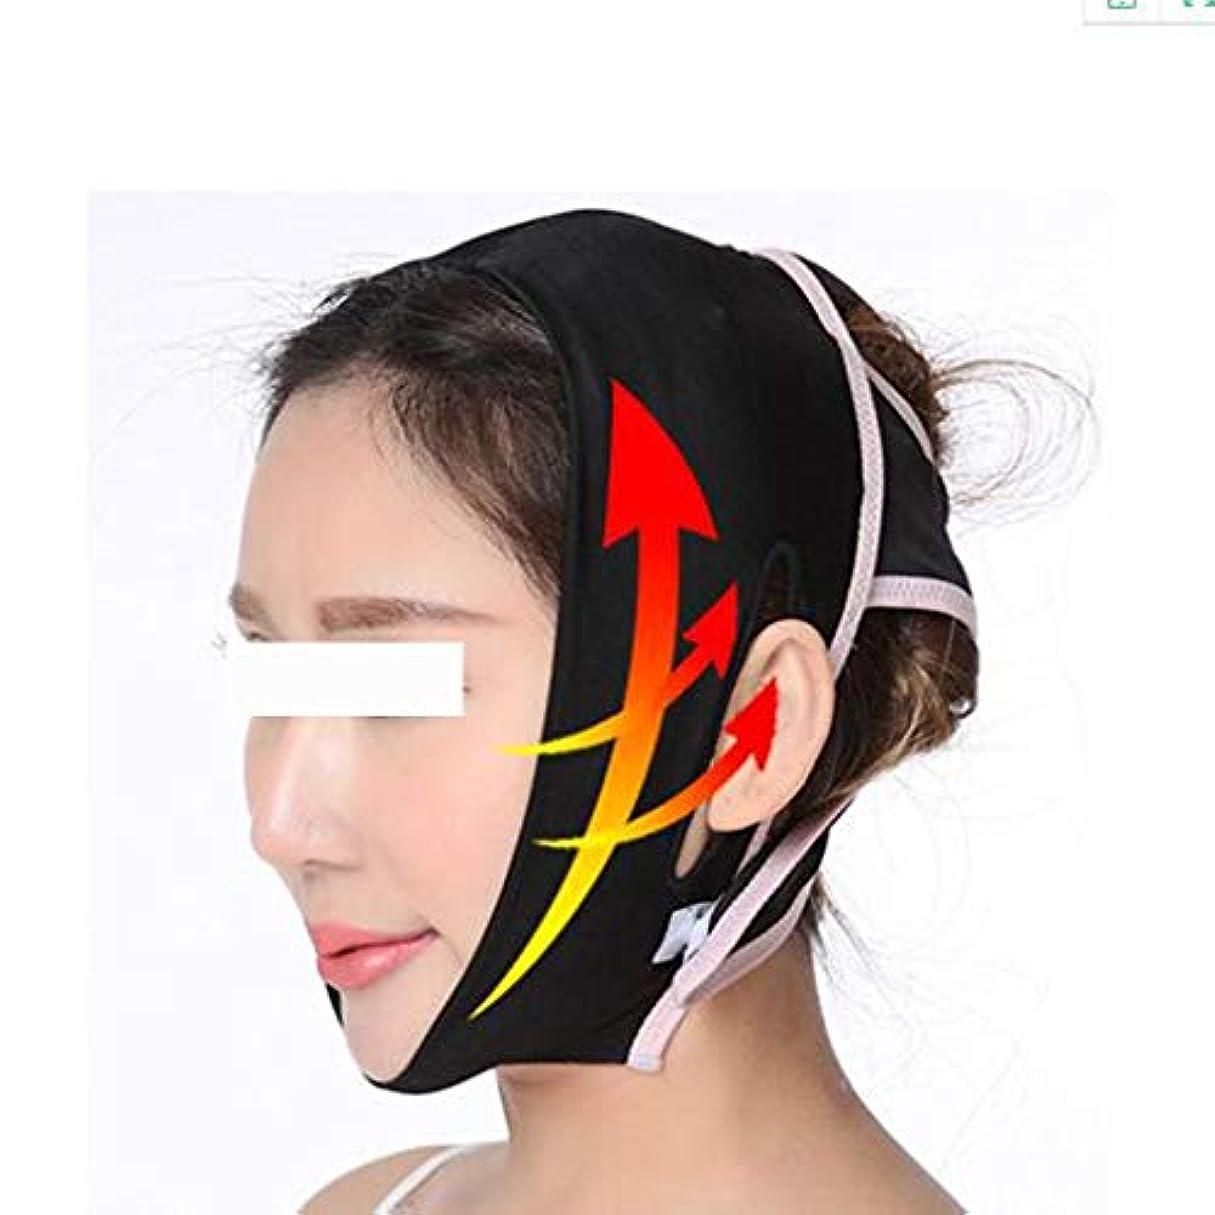 晴れ夢中捨てるV顔持ち上がる二重あご法律のパターンを削除する薄いV顔包帯 - 小さな顔マスク - 顔の形